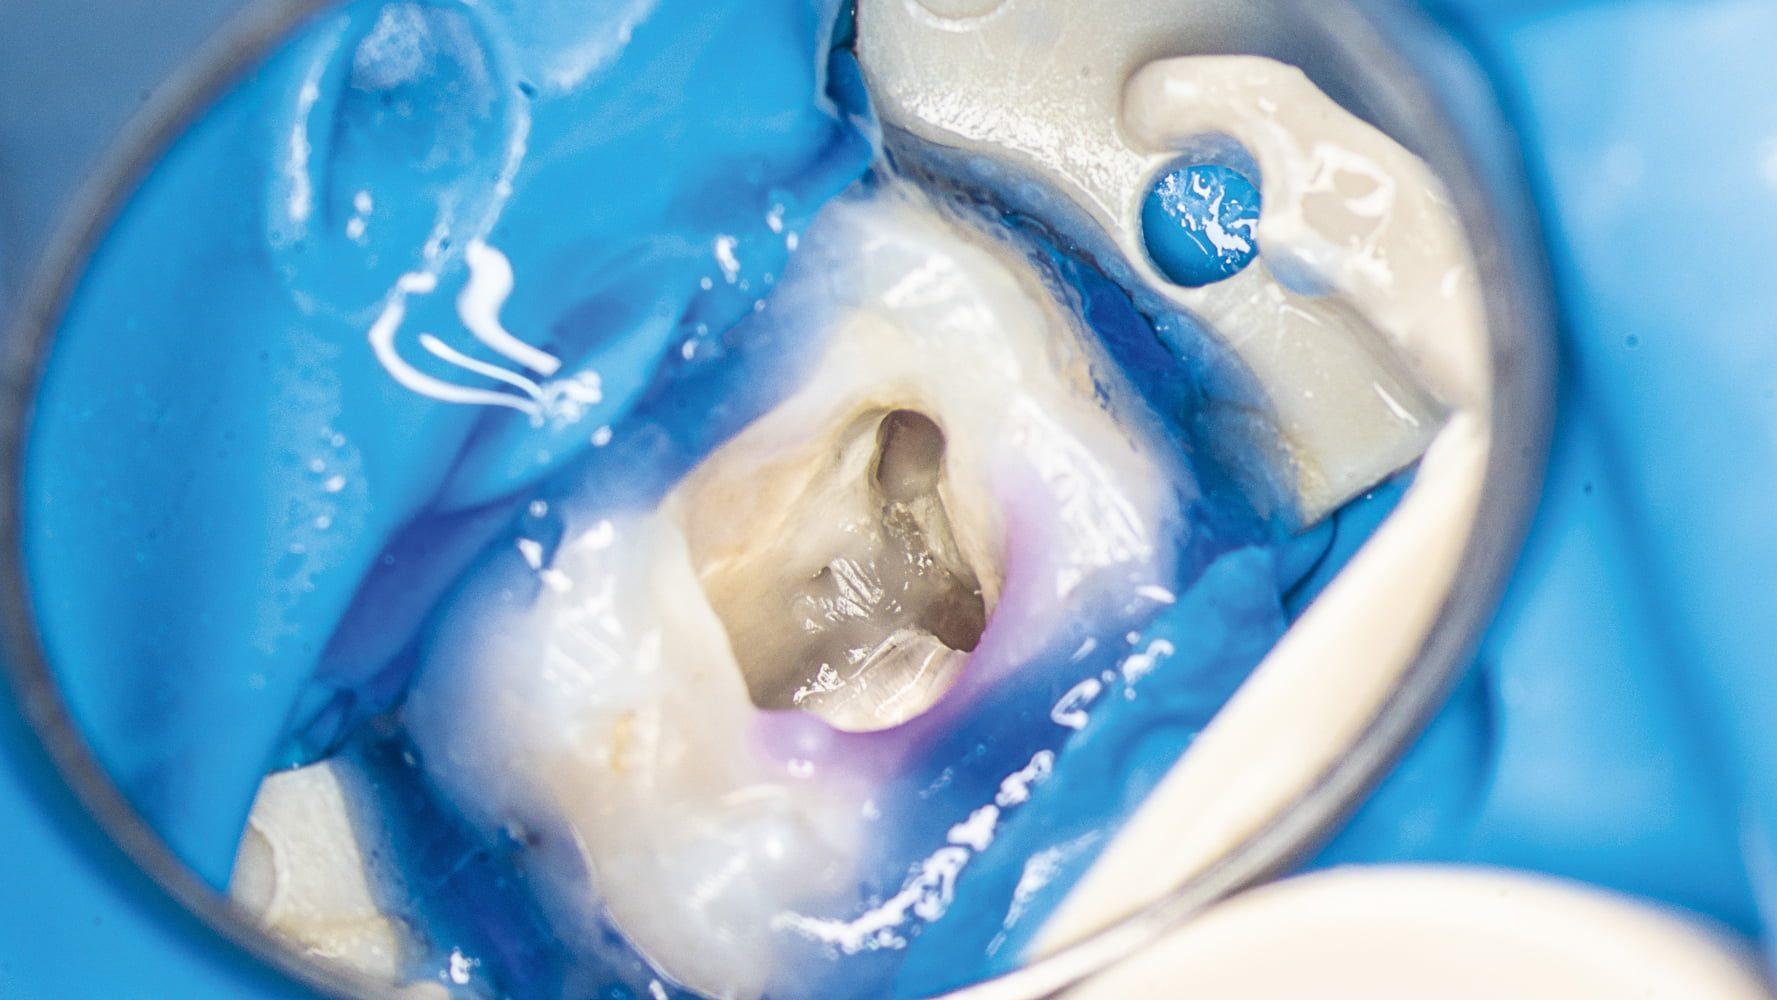 Przypadek 2 | Ryc. 7. Widok komory zęba po opracowaniu ujść kanałów MB1 i DB. Widoczny nawis zębinowy nad ujściem kanału MB2.